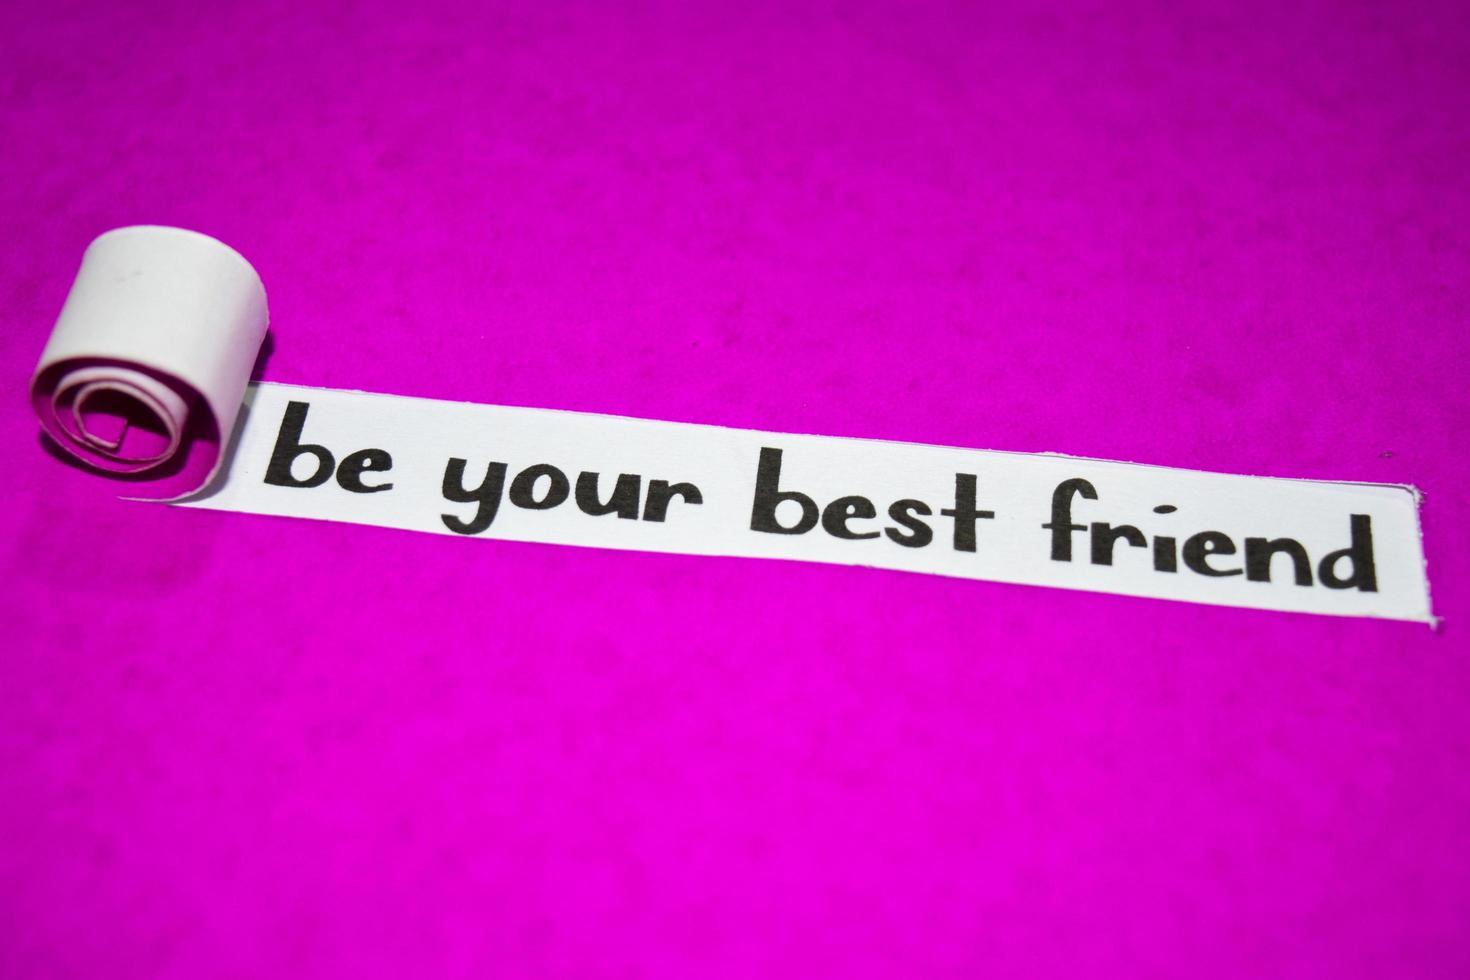 Sei dein bester Freund Text, Inspiration, Motivation und Geschäftskonzept auf lila zerrissenem Papier foto